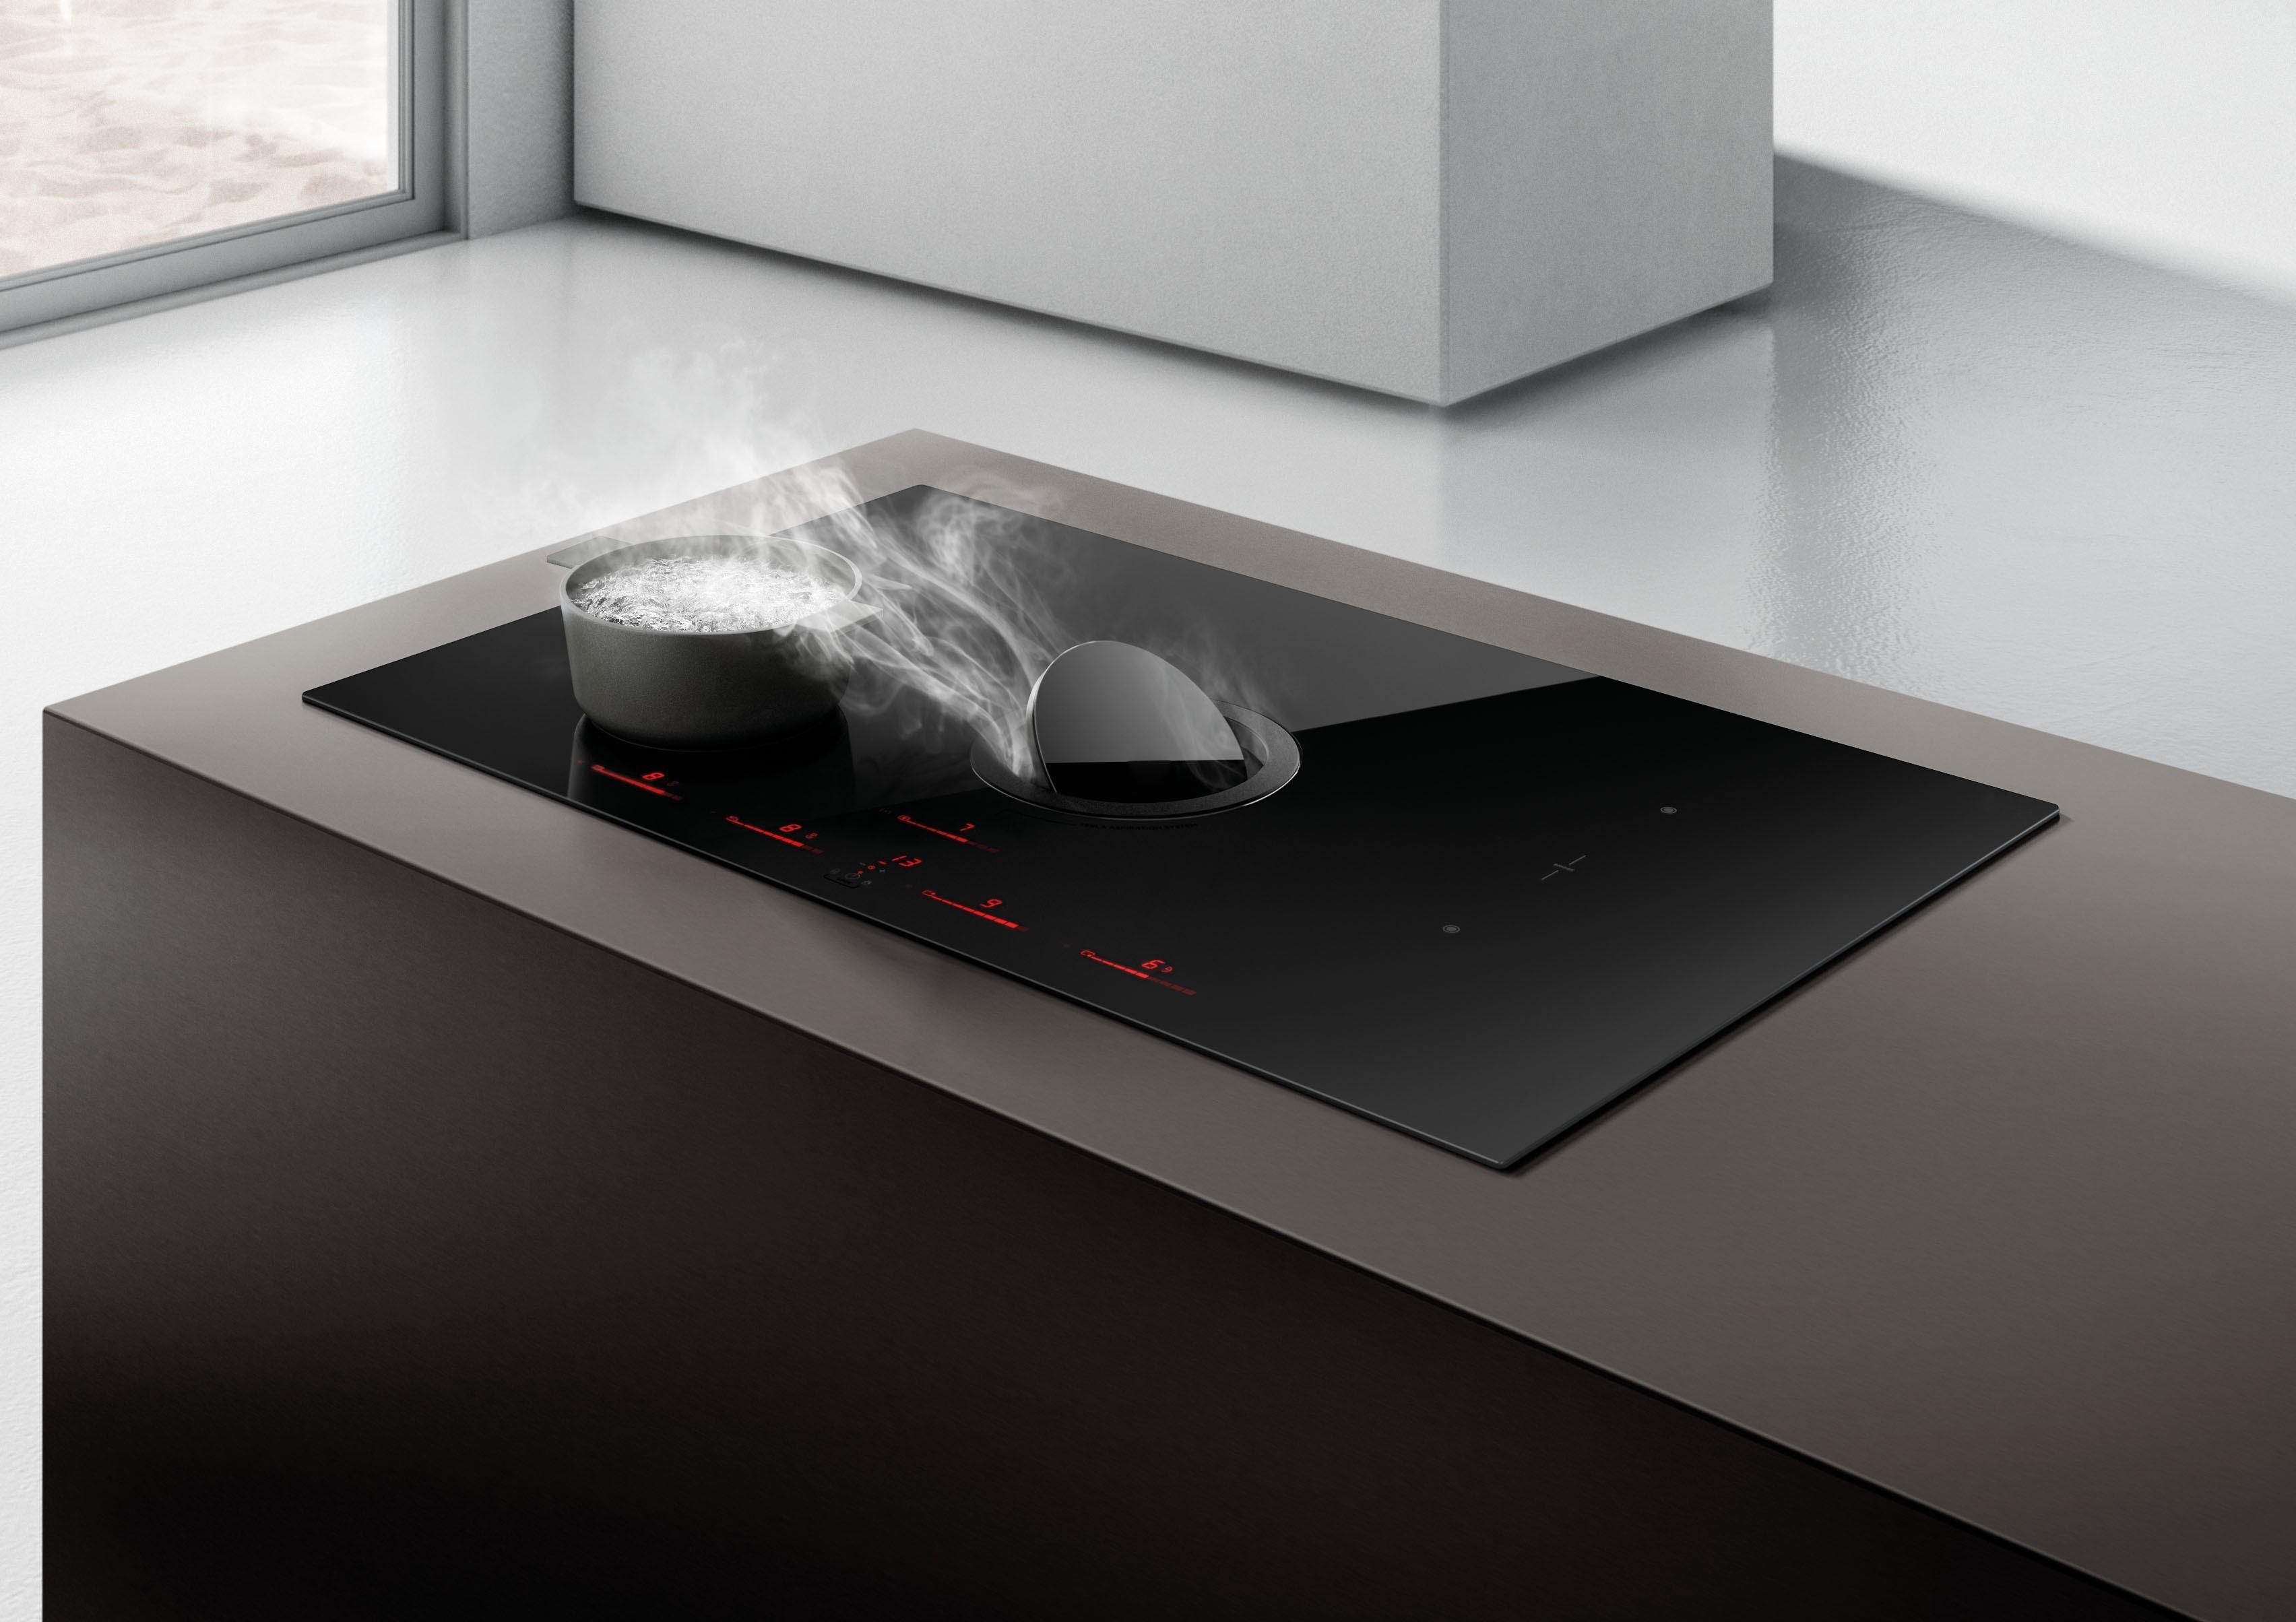 induktionskochfeld mit dunstabzug vergleich induktionskochfeld test vergleich bild. Black Bedroom Furniture Sets. Home Design Ideas